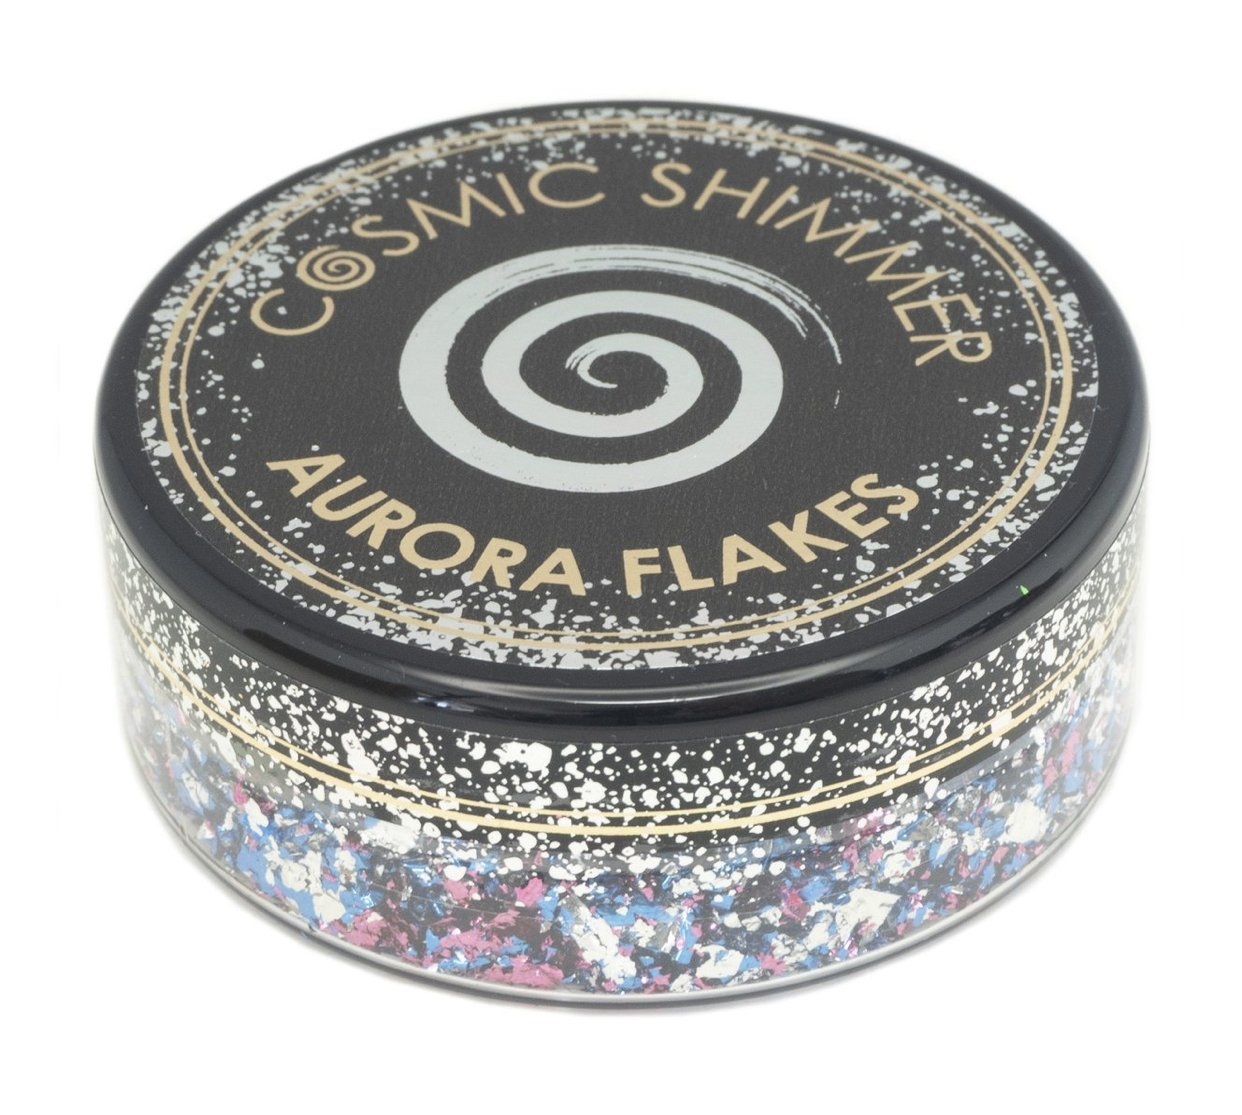 Aurora Flakes- Confetti